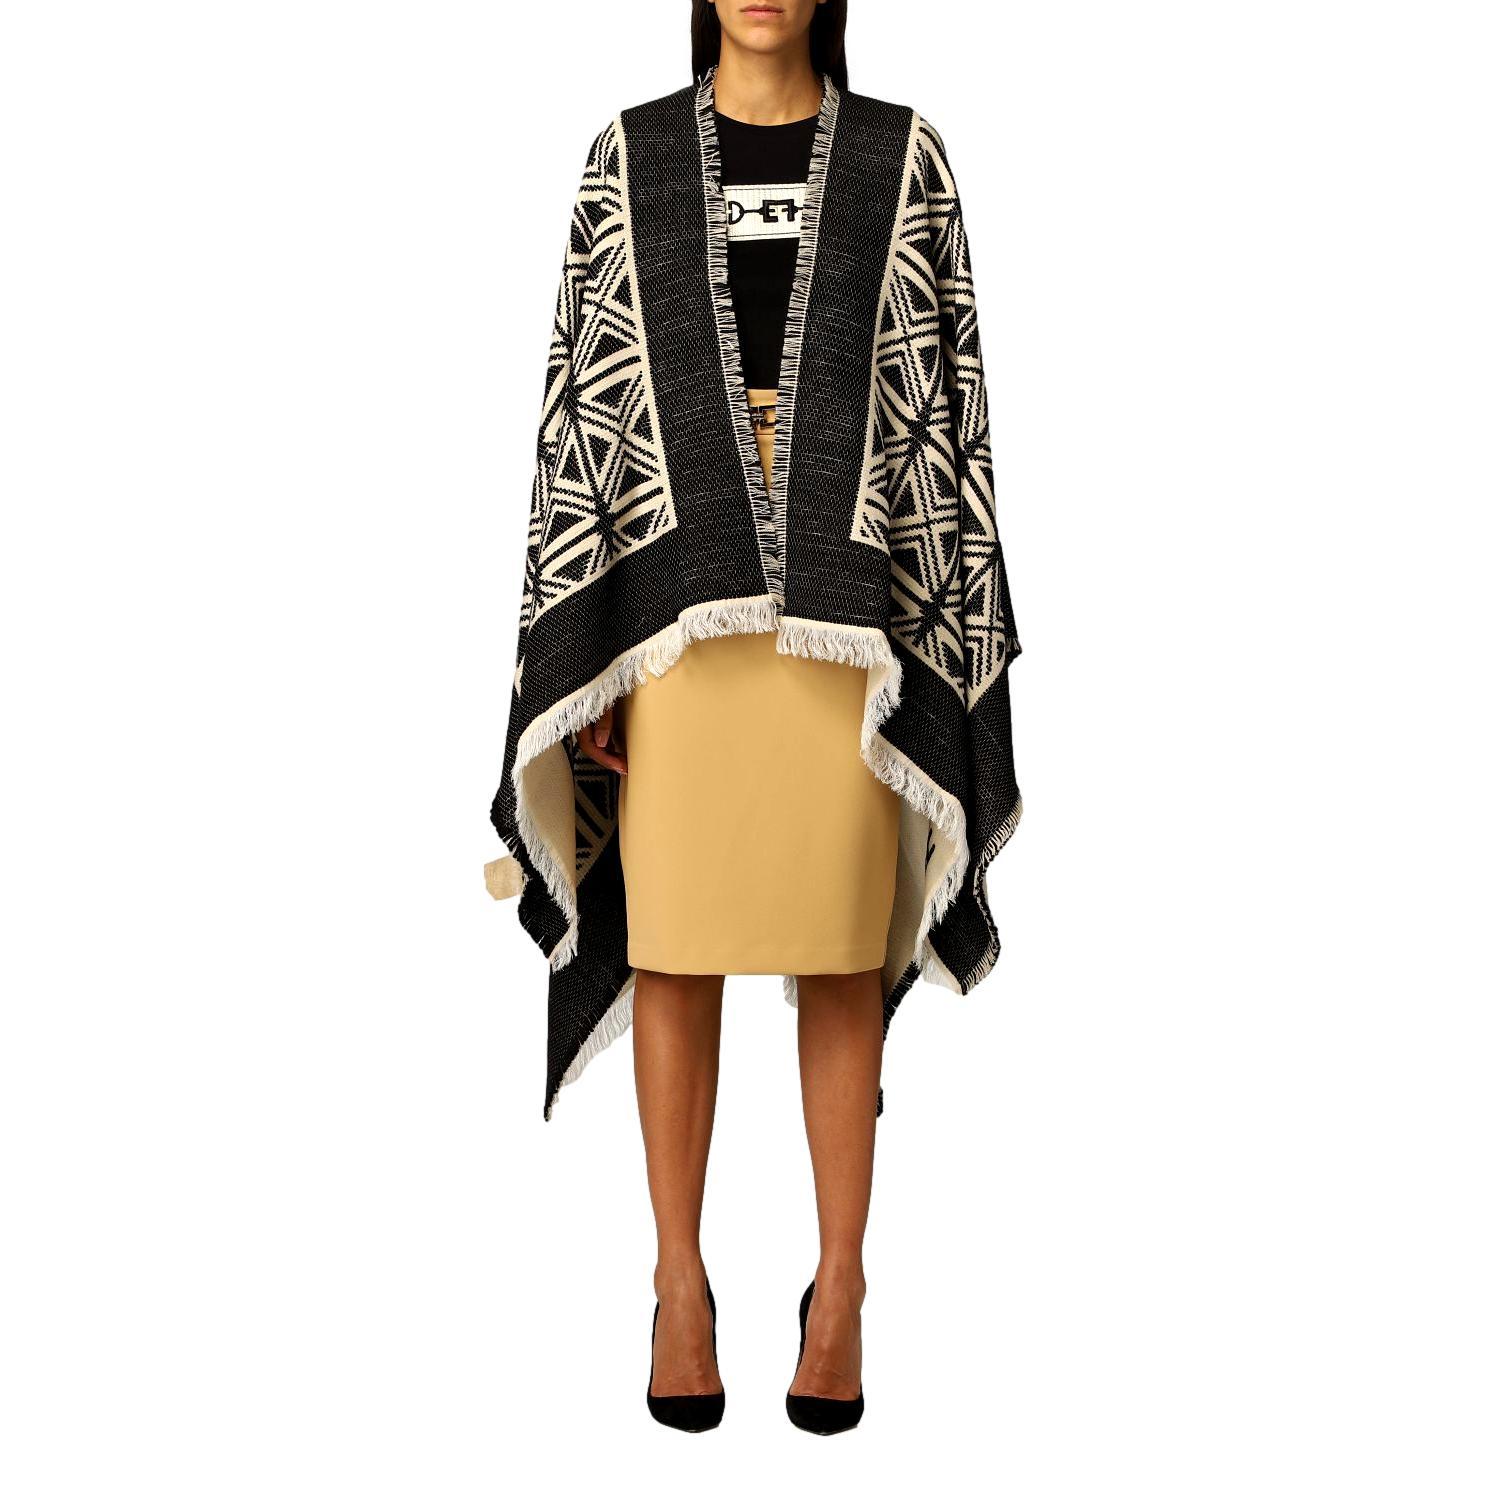 Jacquard cape with kilim design ELISABETTA FRANCHI      MT03F16E2685